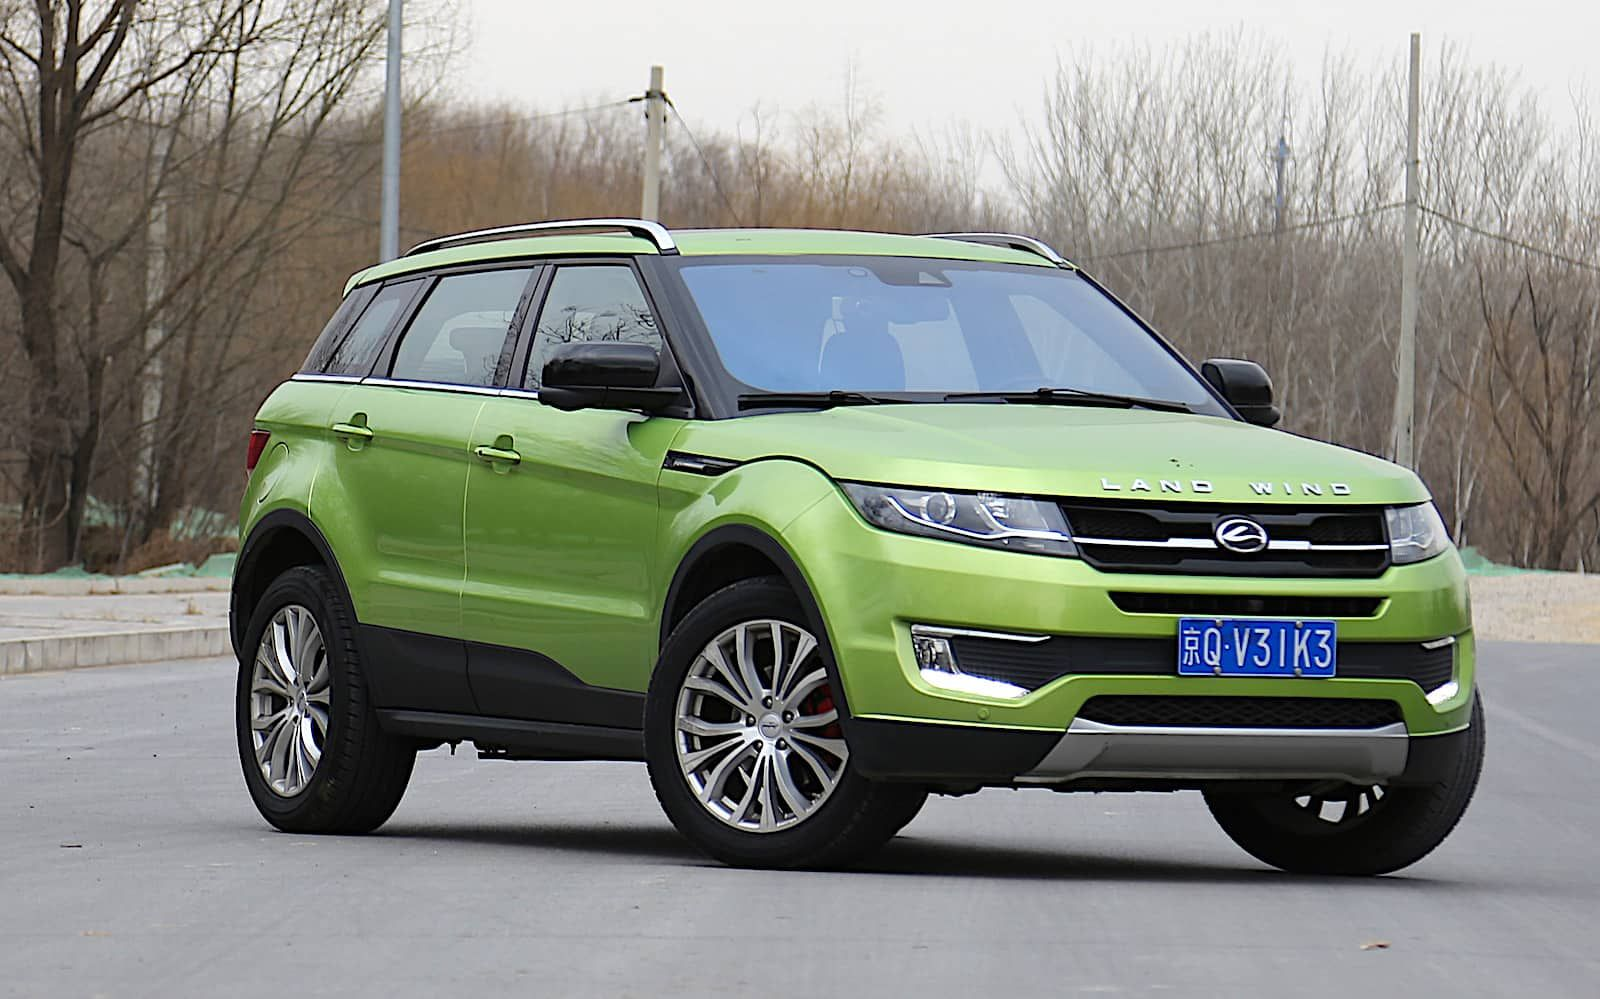 Landwind X7 La descarada copia del Range Rover Evoque ya